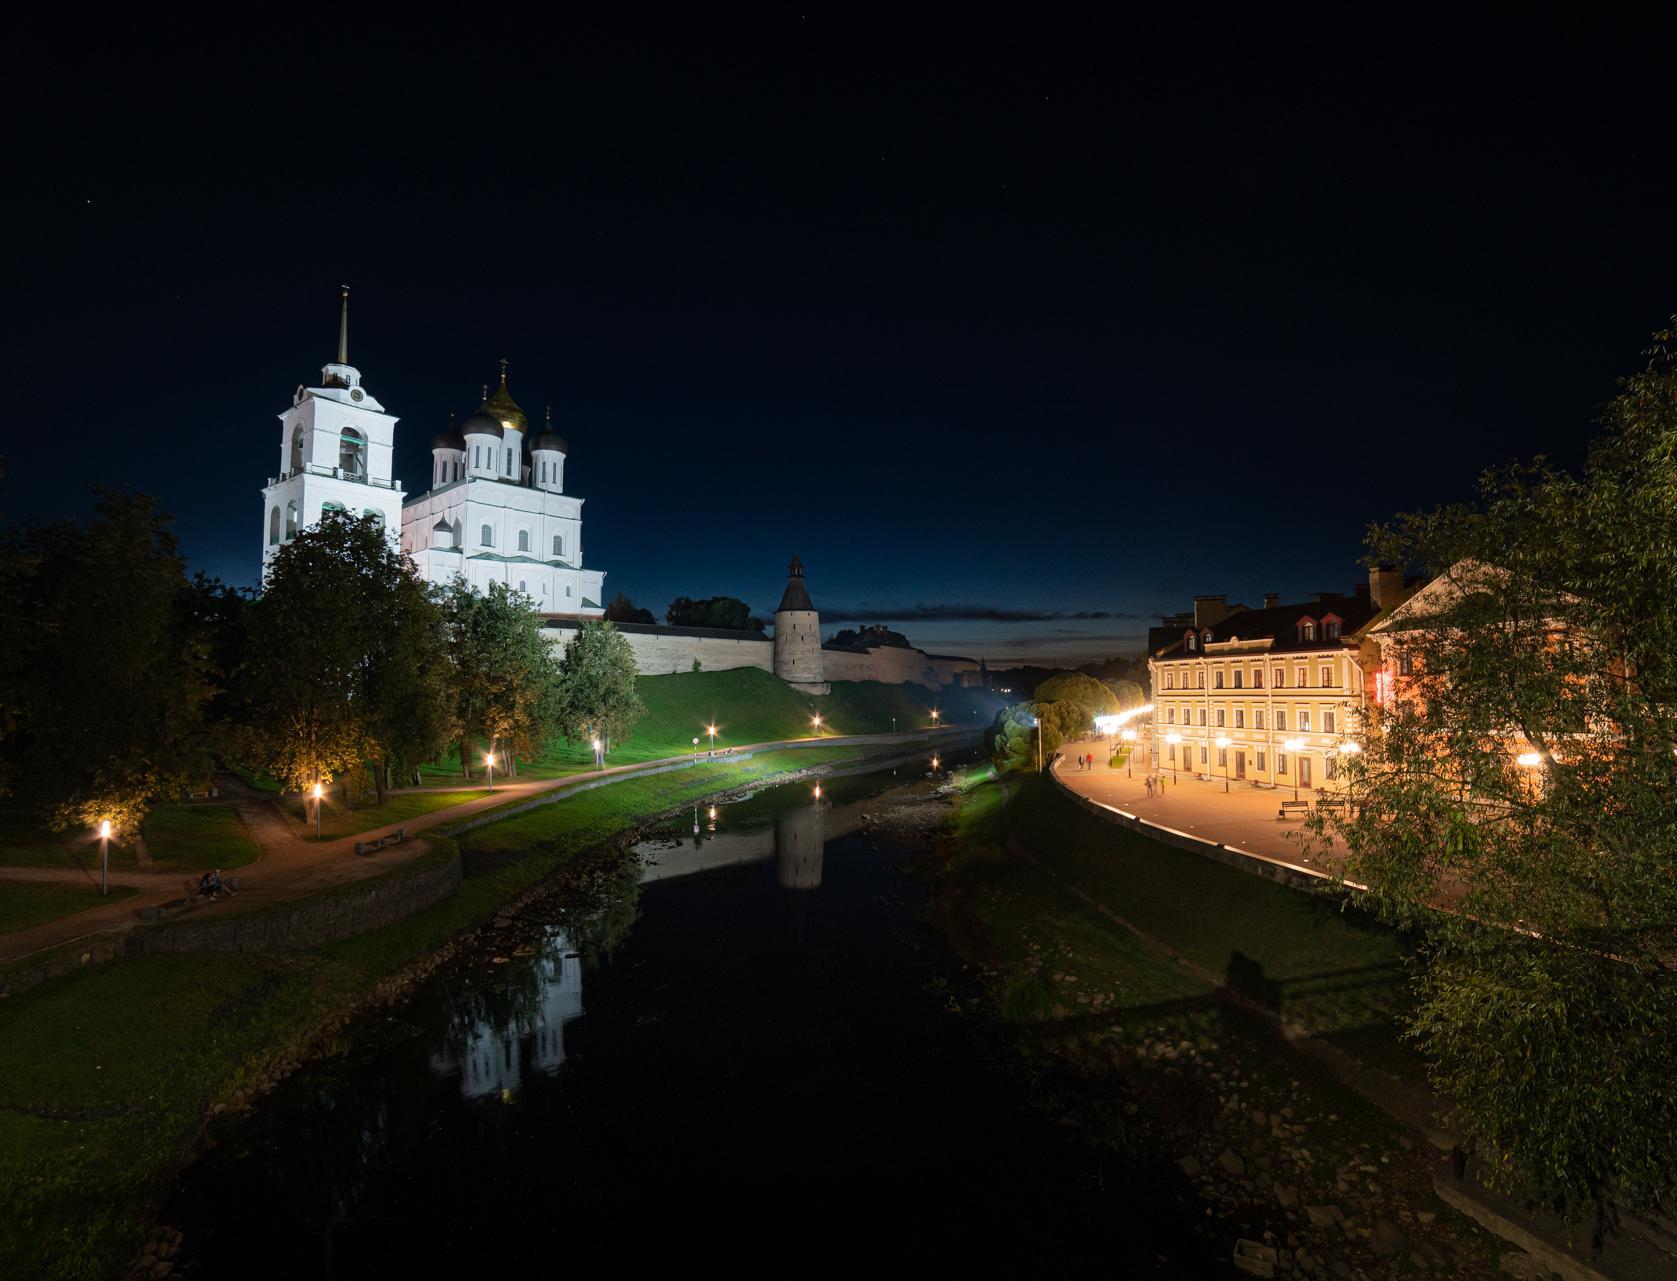 LED-освещение на улицах в России сократит выбросы СО2 на 882 000 тонн